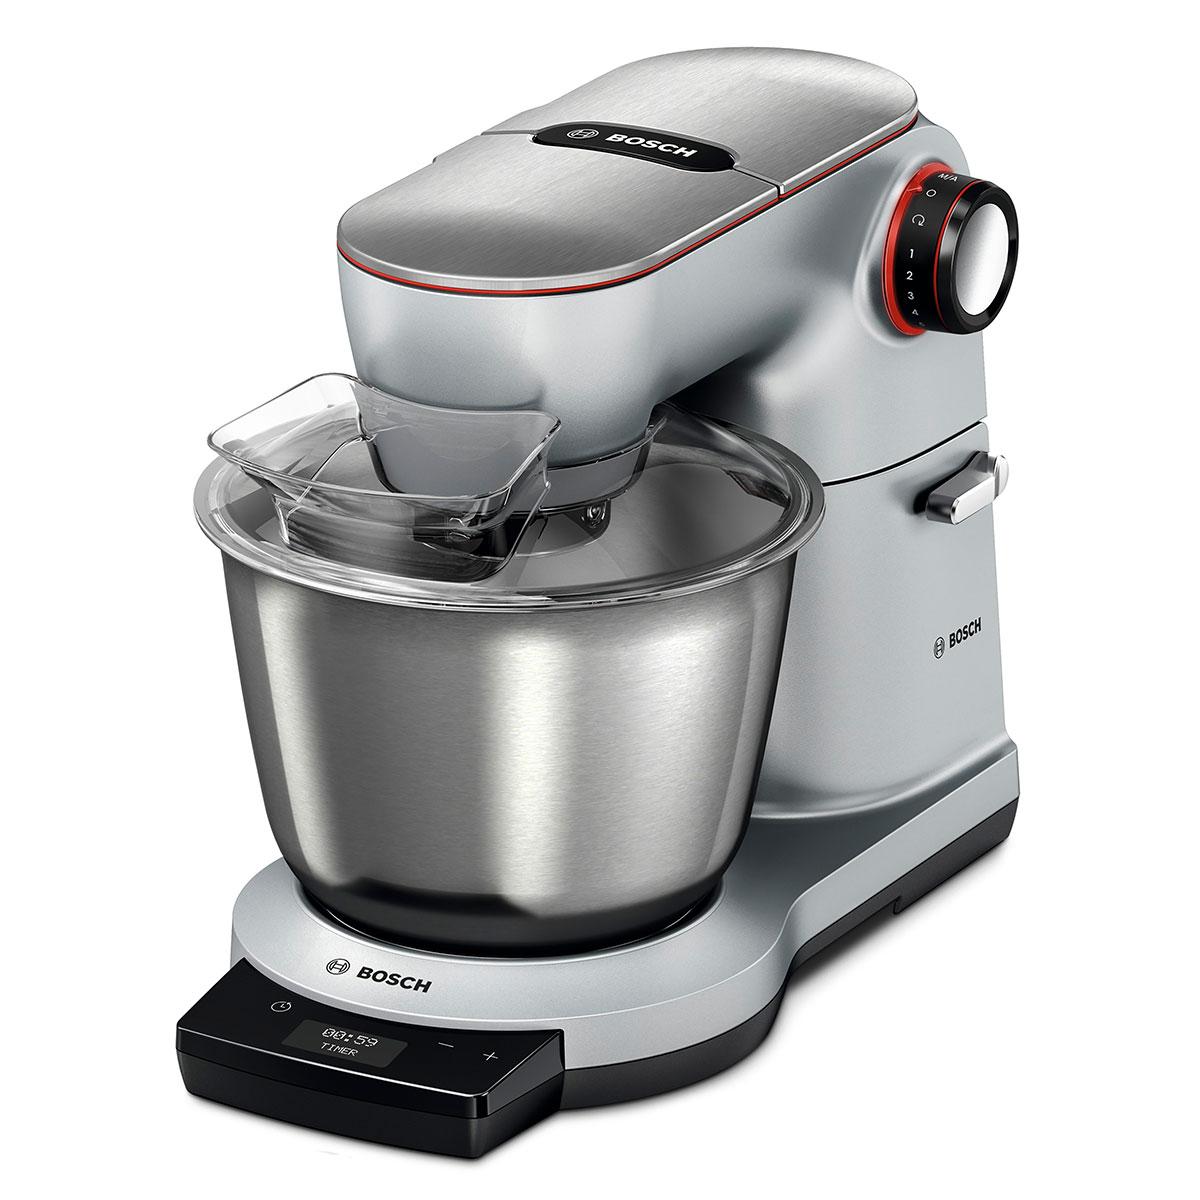 Image of   Bosch køkkenmaskine - Optimum PLS - Granitgrå